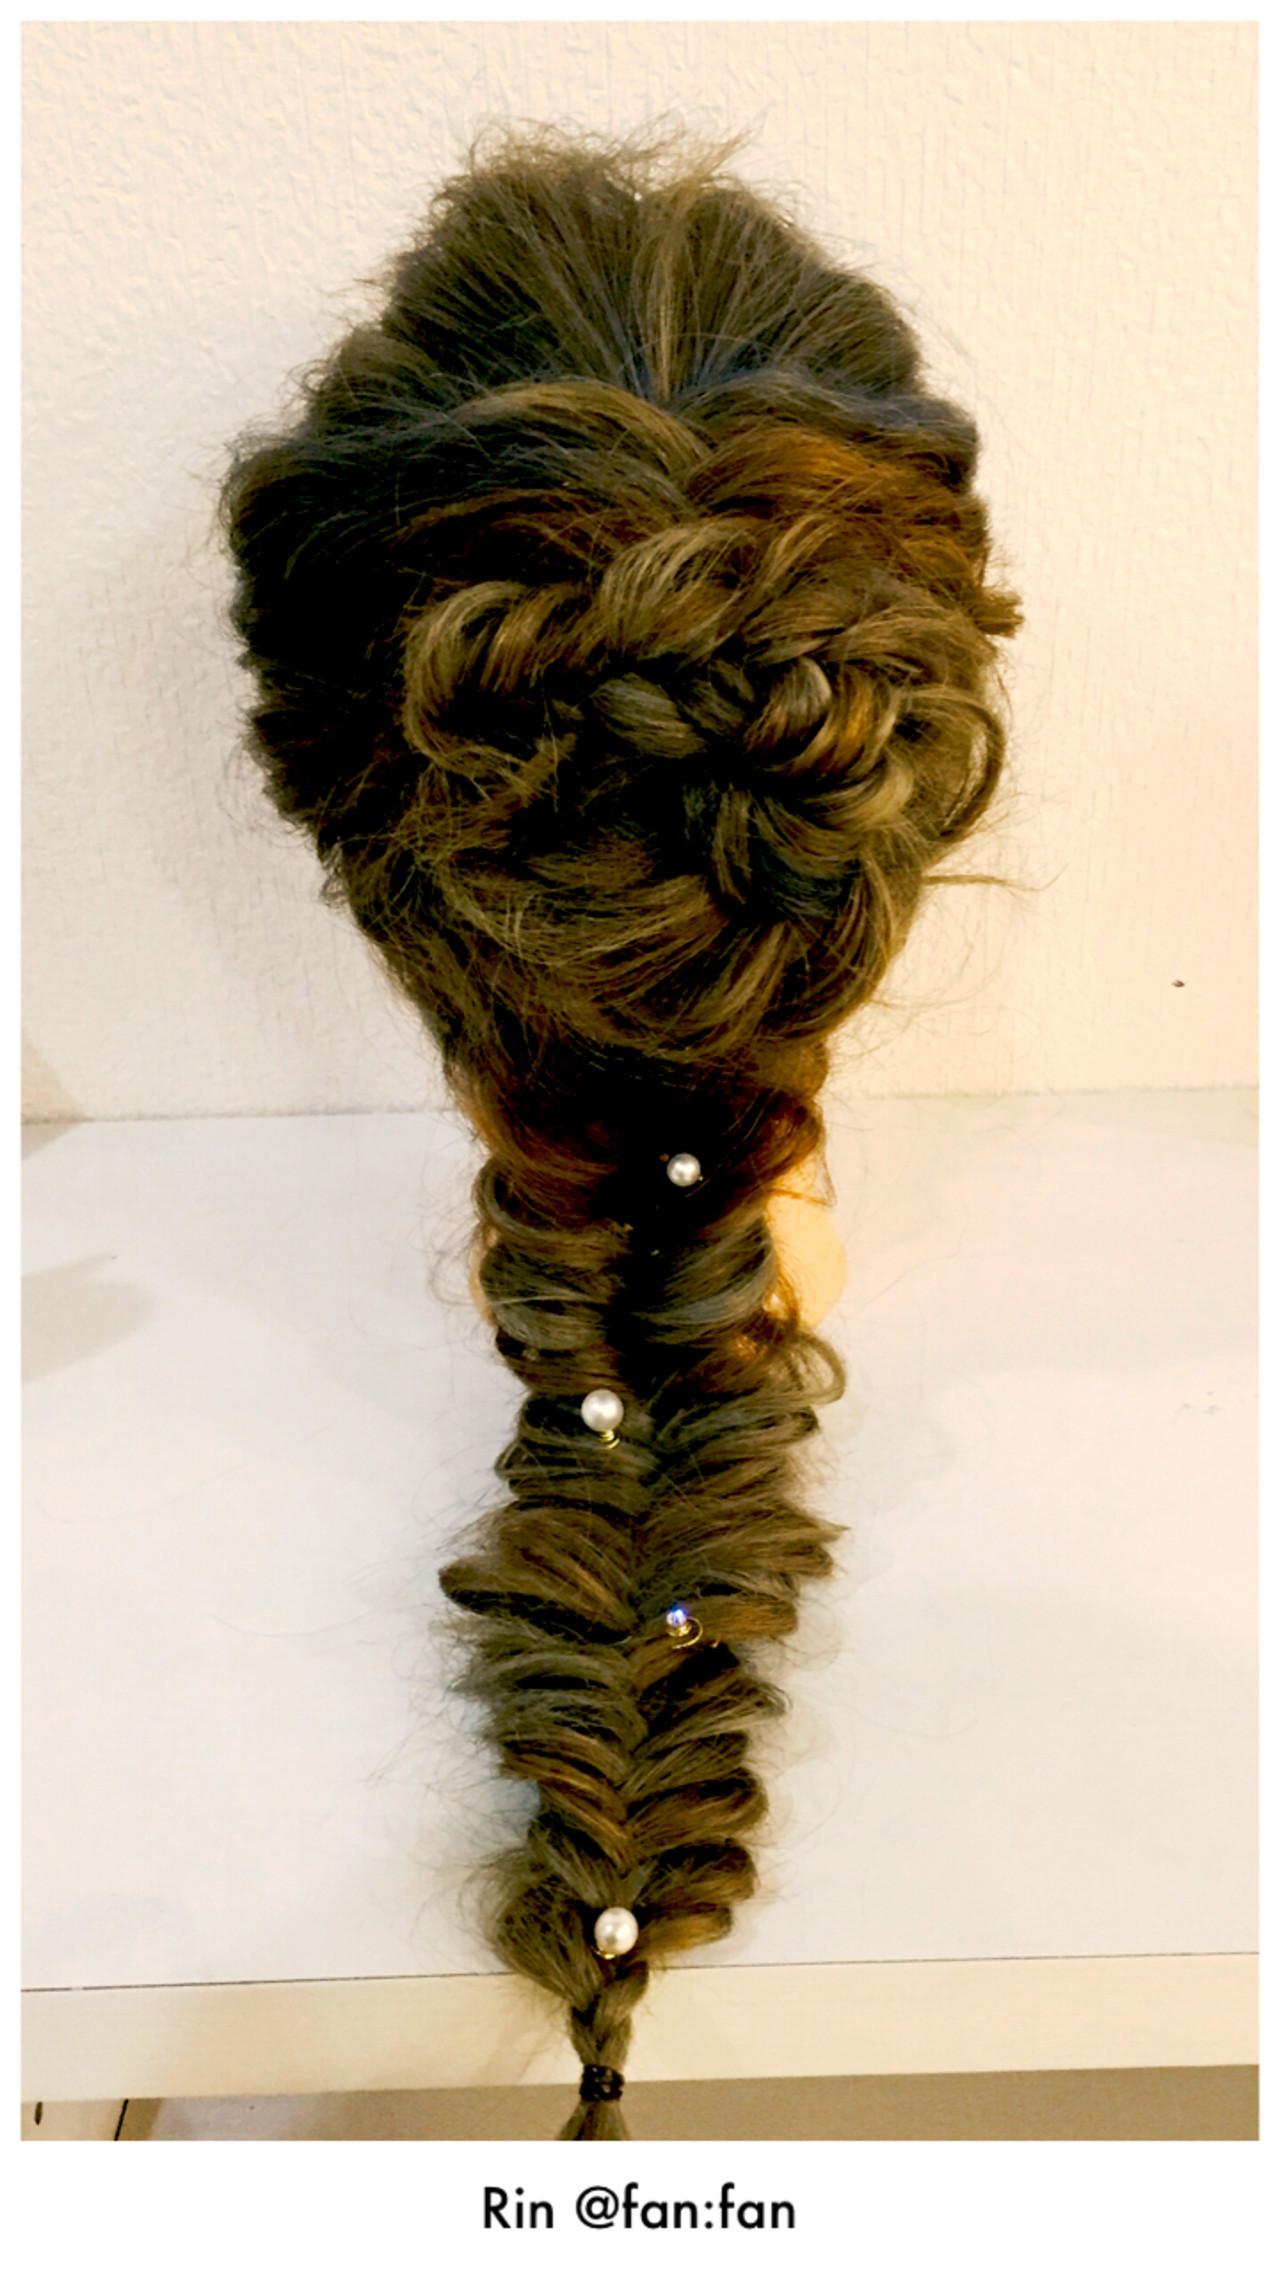 ナチュラル 編み込み ロング ポニーテール ヘアスタイルや髪型の写真・画像